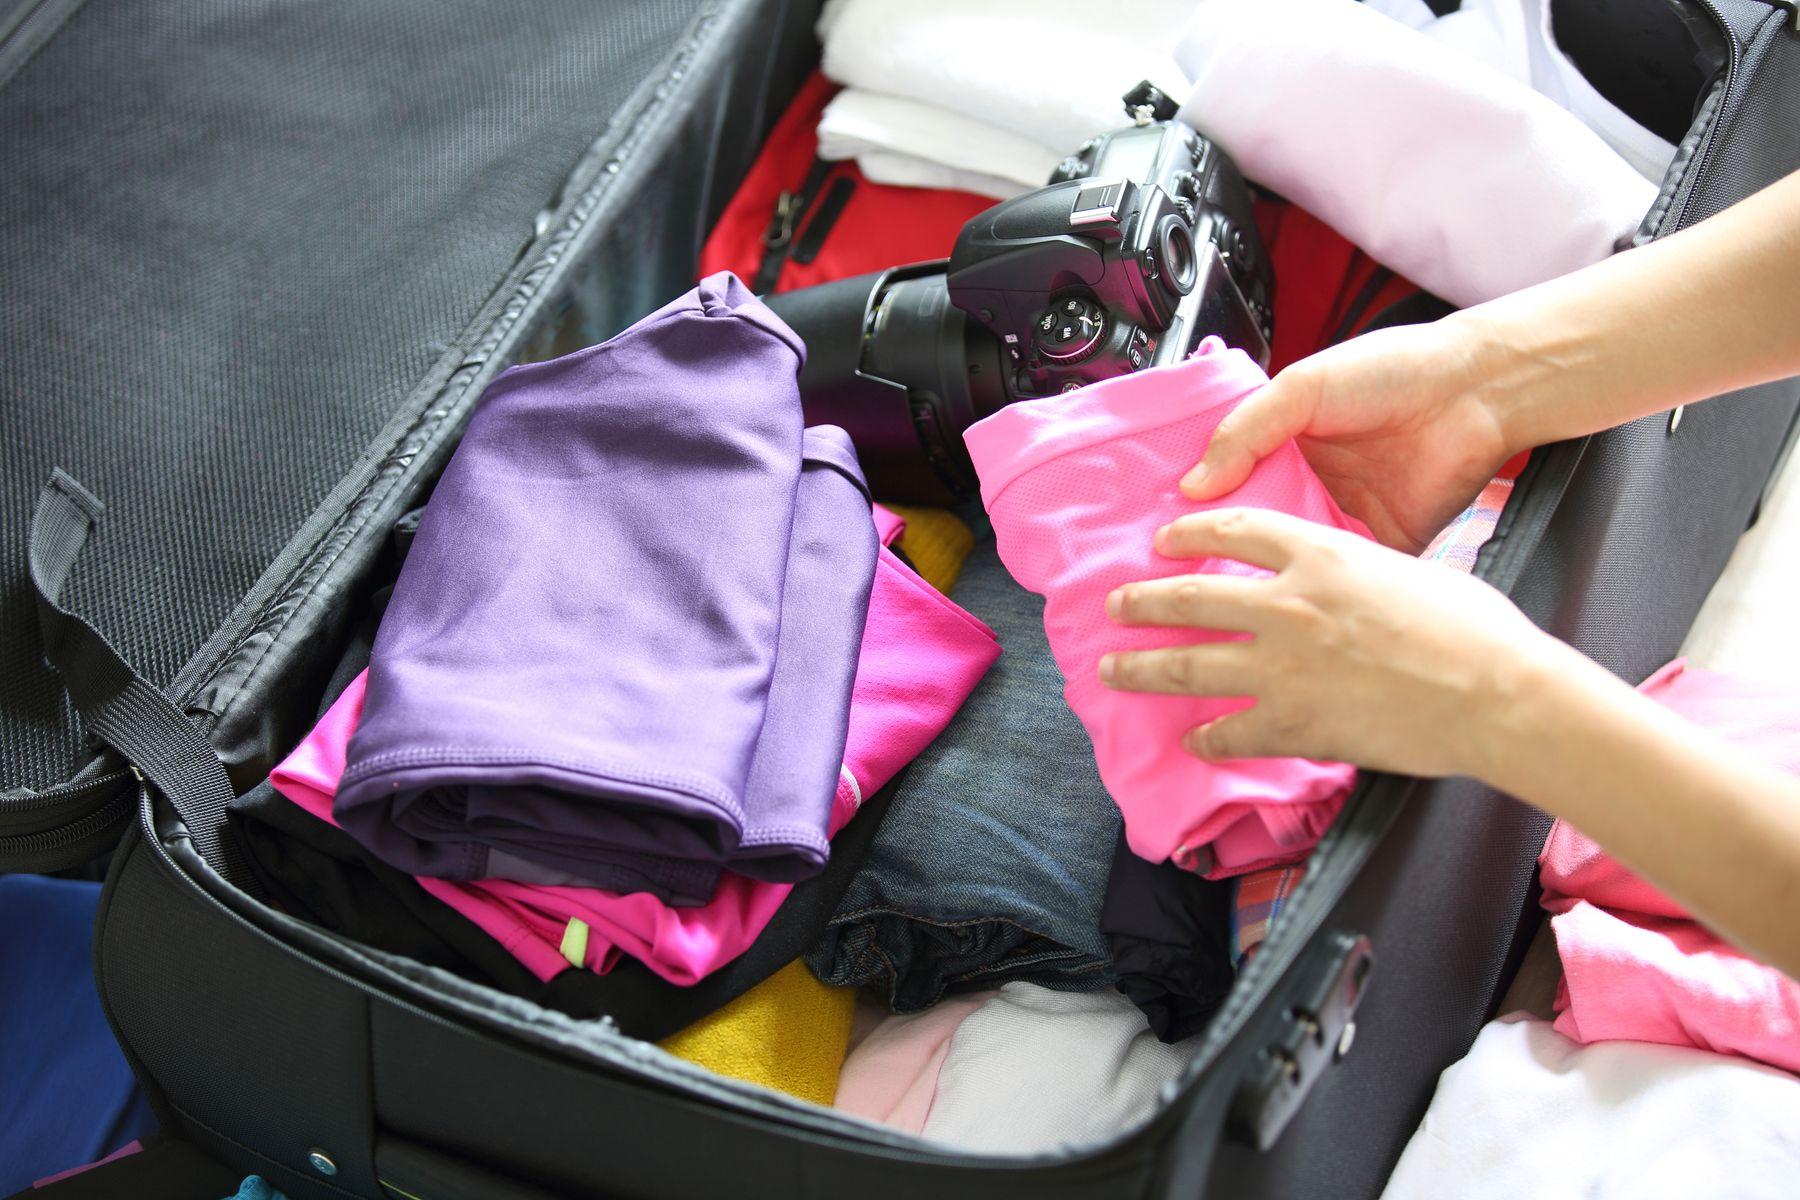 重的東西放在底下,電子產品夾在行李中間